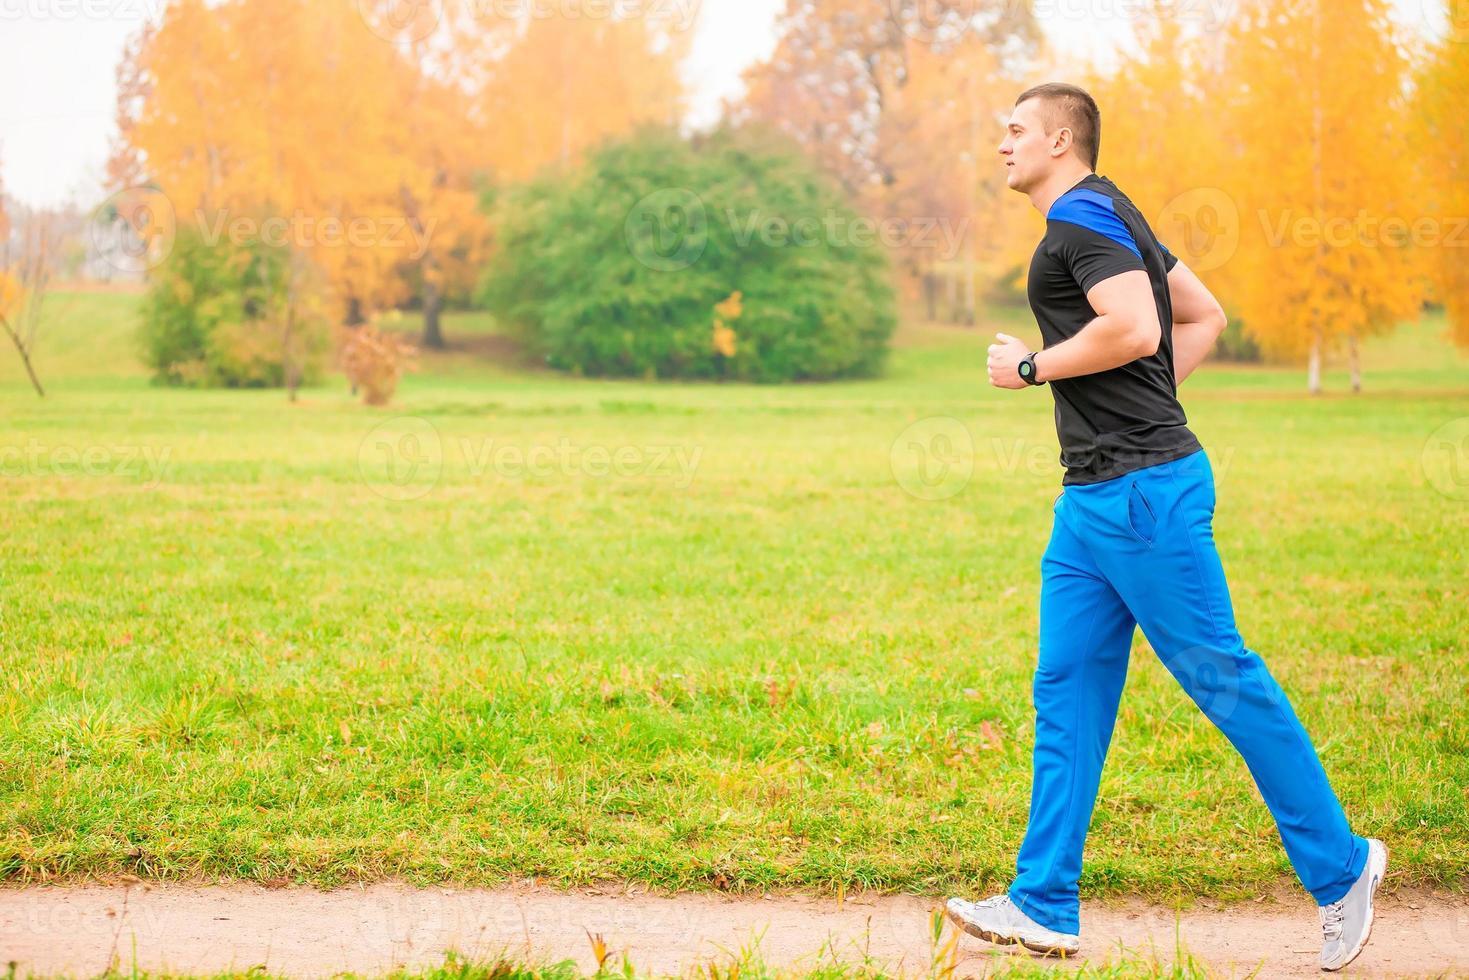 atleta masculino corriendo por la mañana en el parque foto